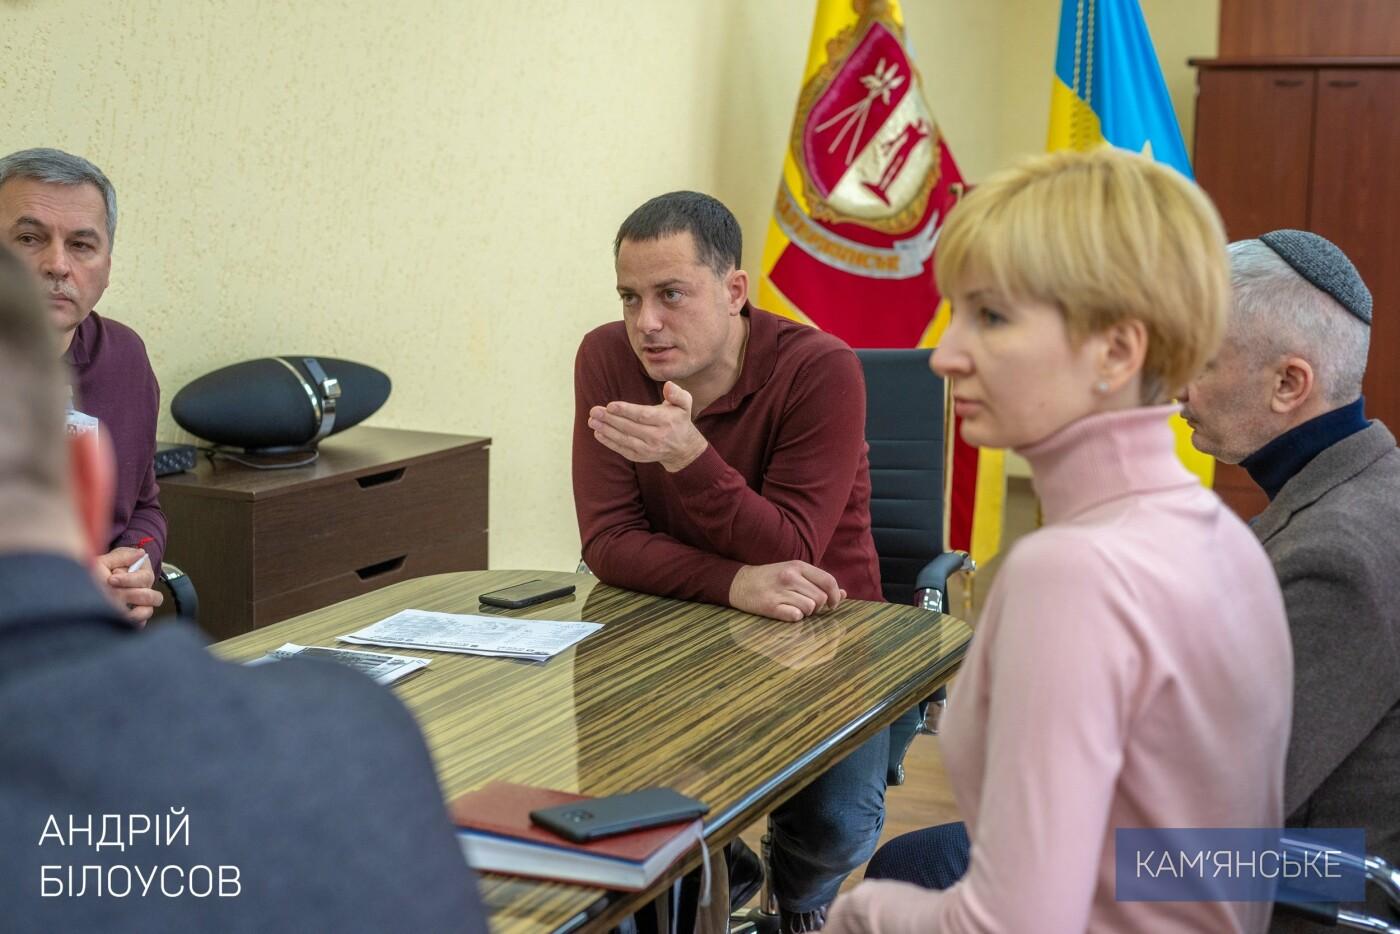 Мэр Каменского провел рабочее совещание по вопросу реконструкции школы №20, фото-3